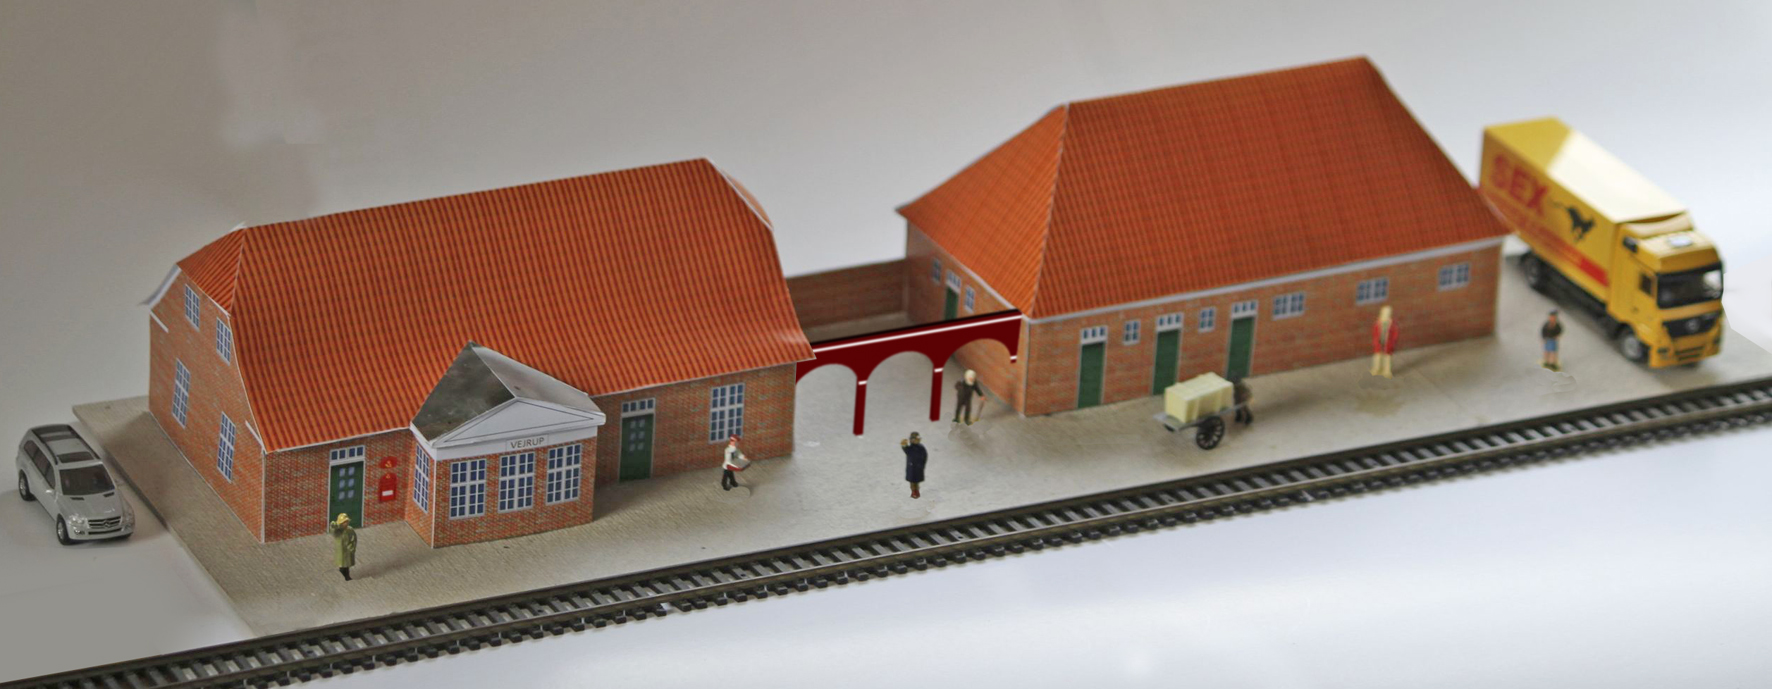 vejrup-station